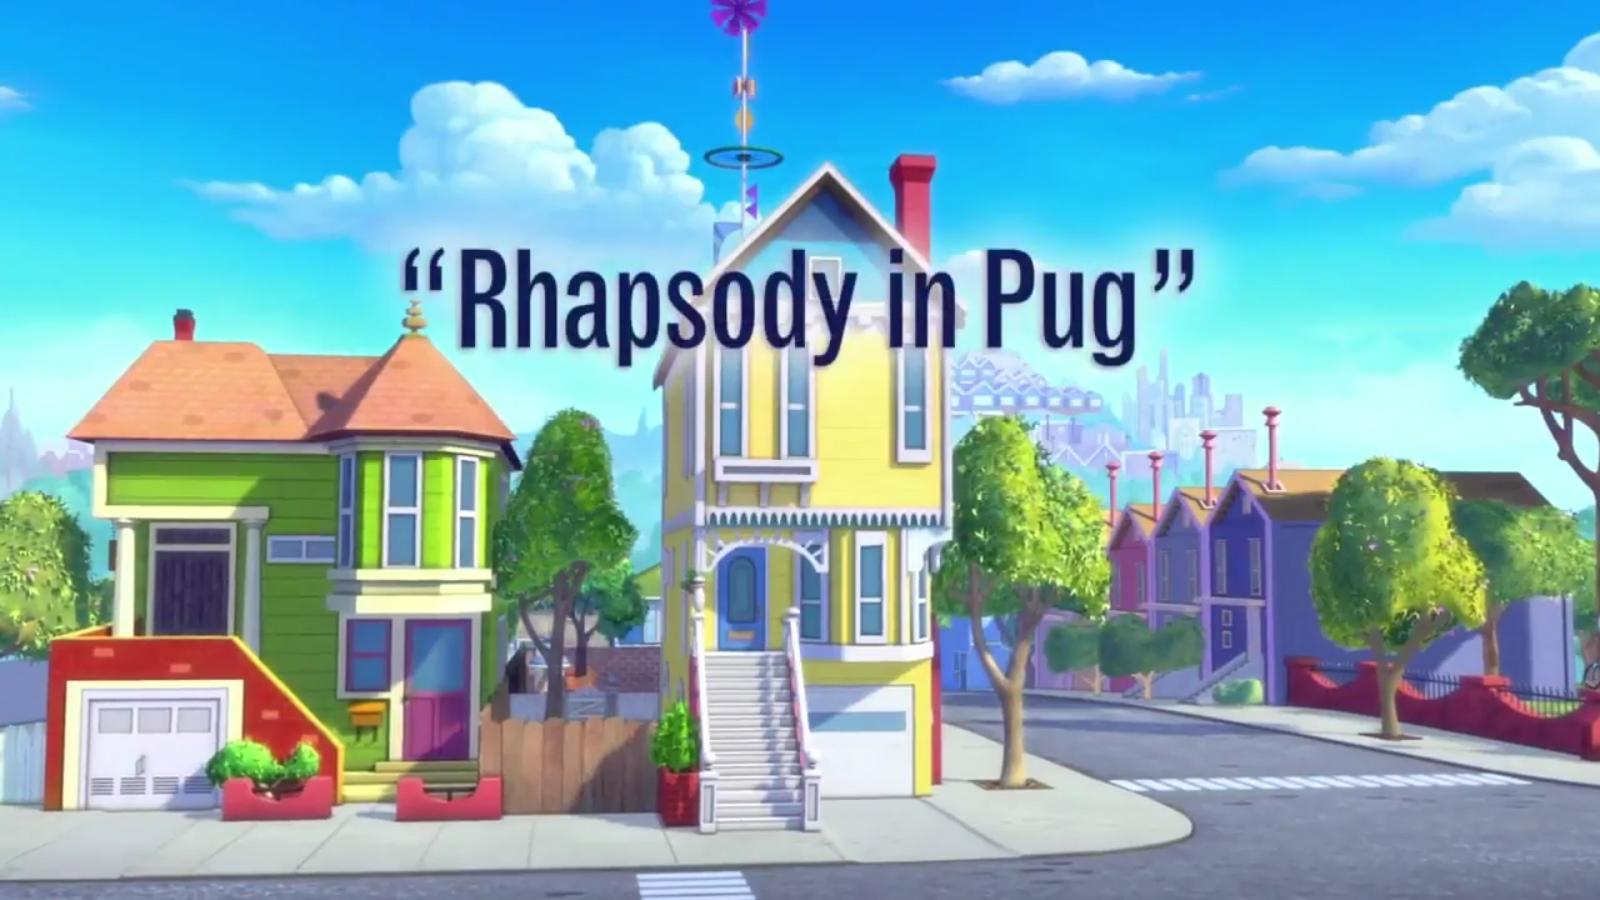 Rhapsody in Pug